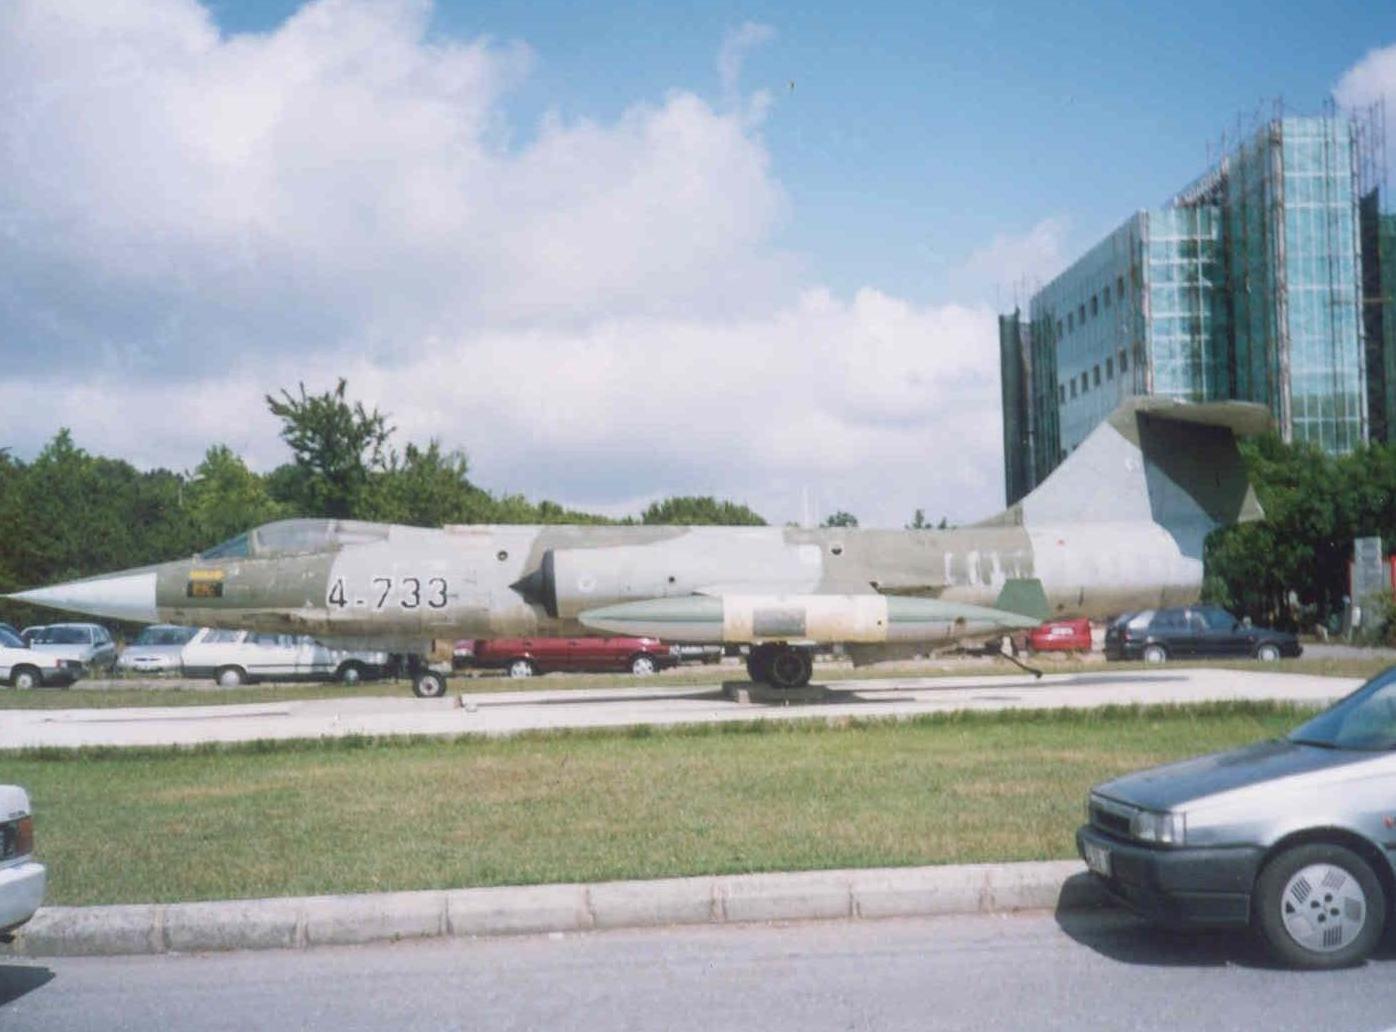 Fen edebiyat otoparkındaki F-104 savaş uçağı. Bakımsızlığı belli oluyor